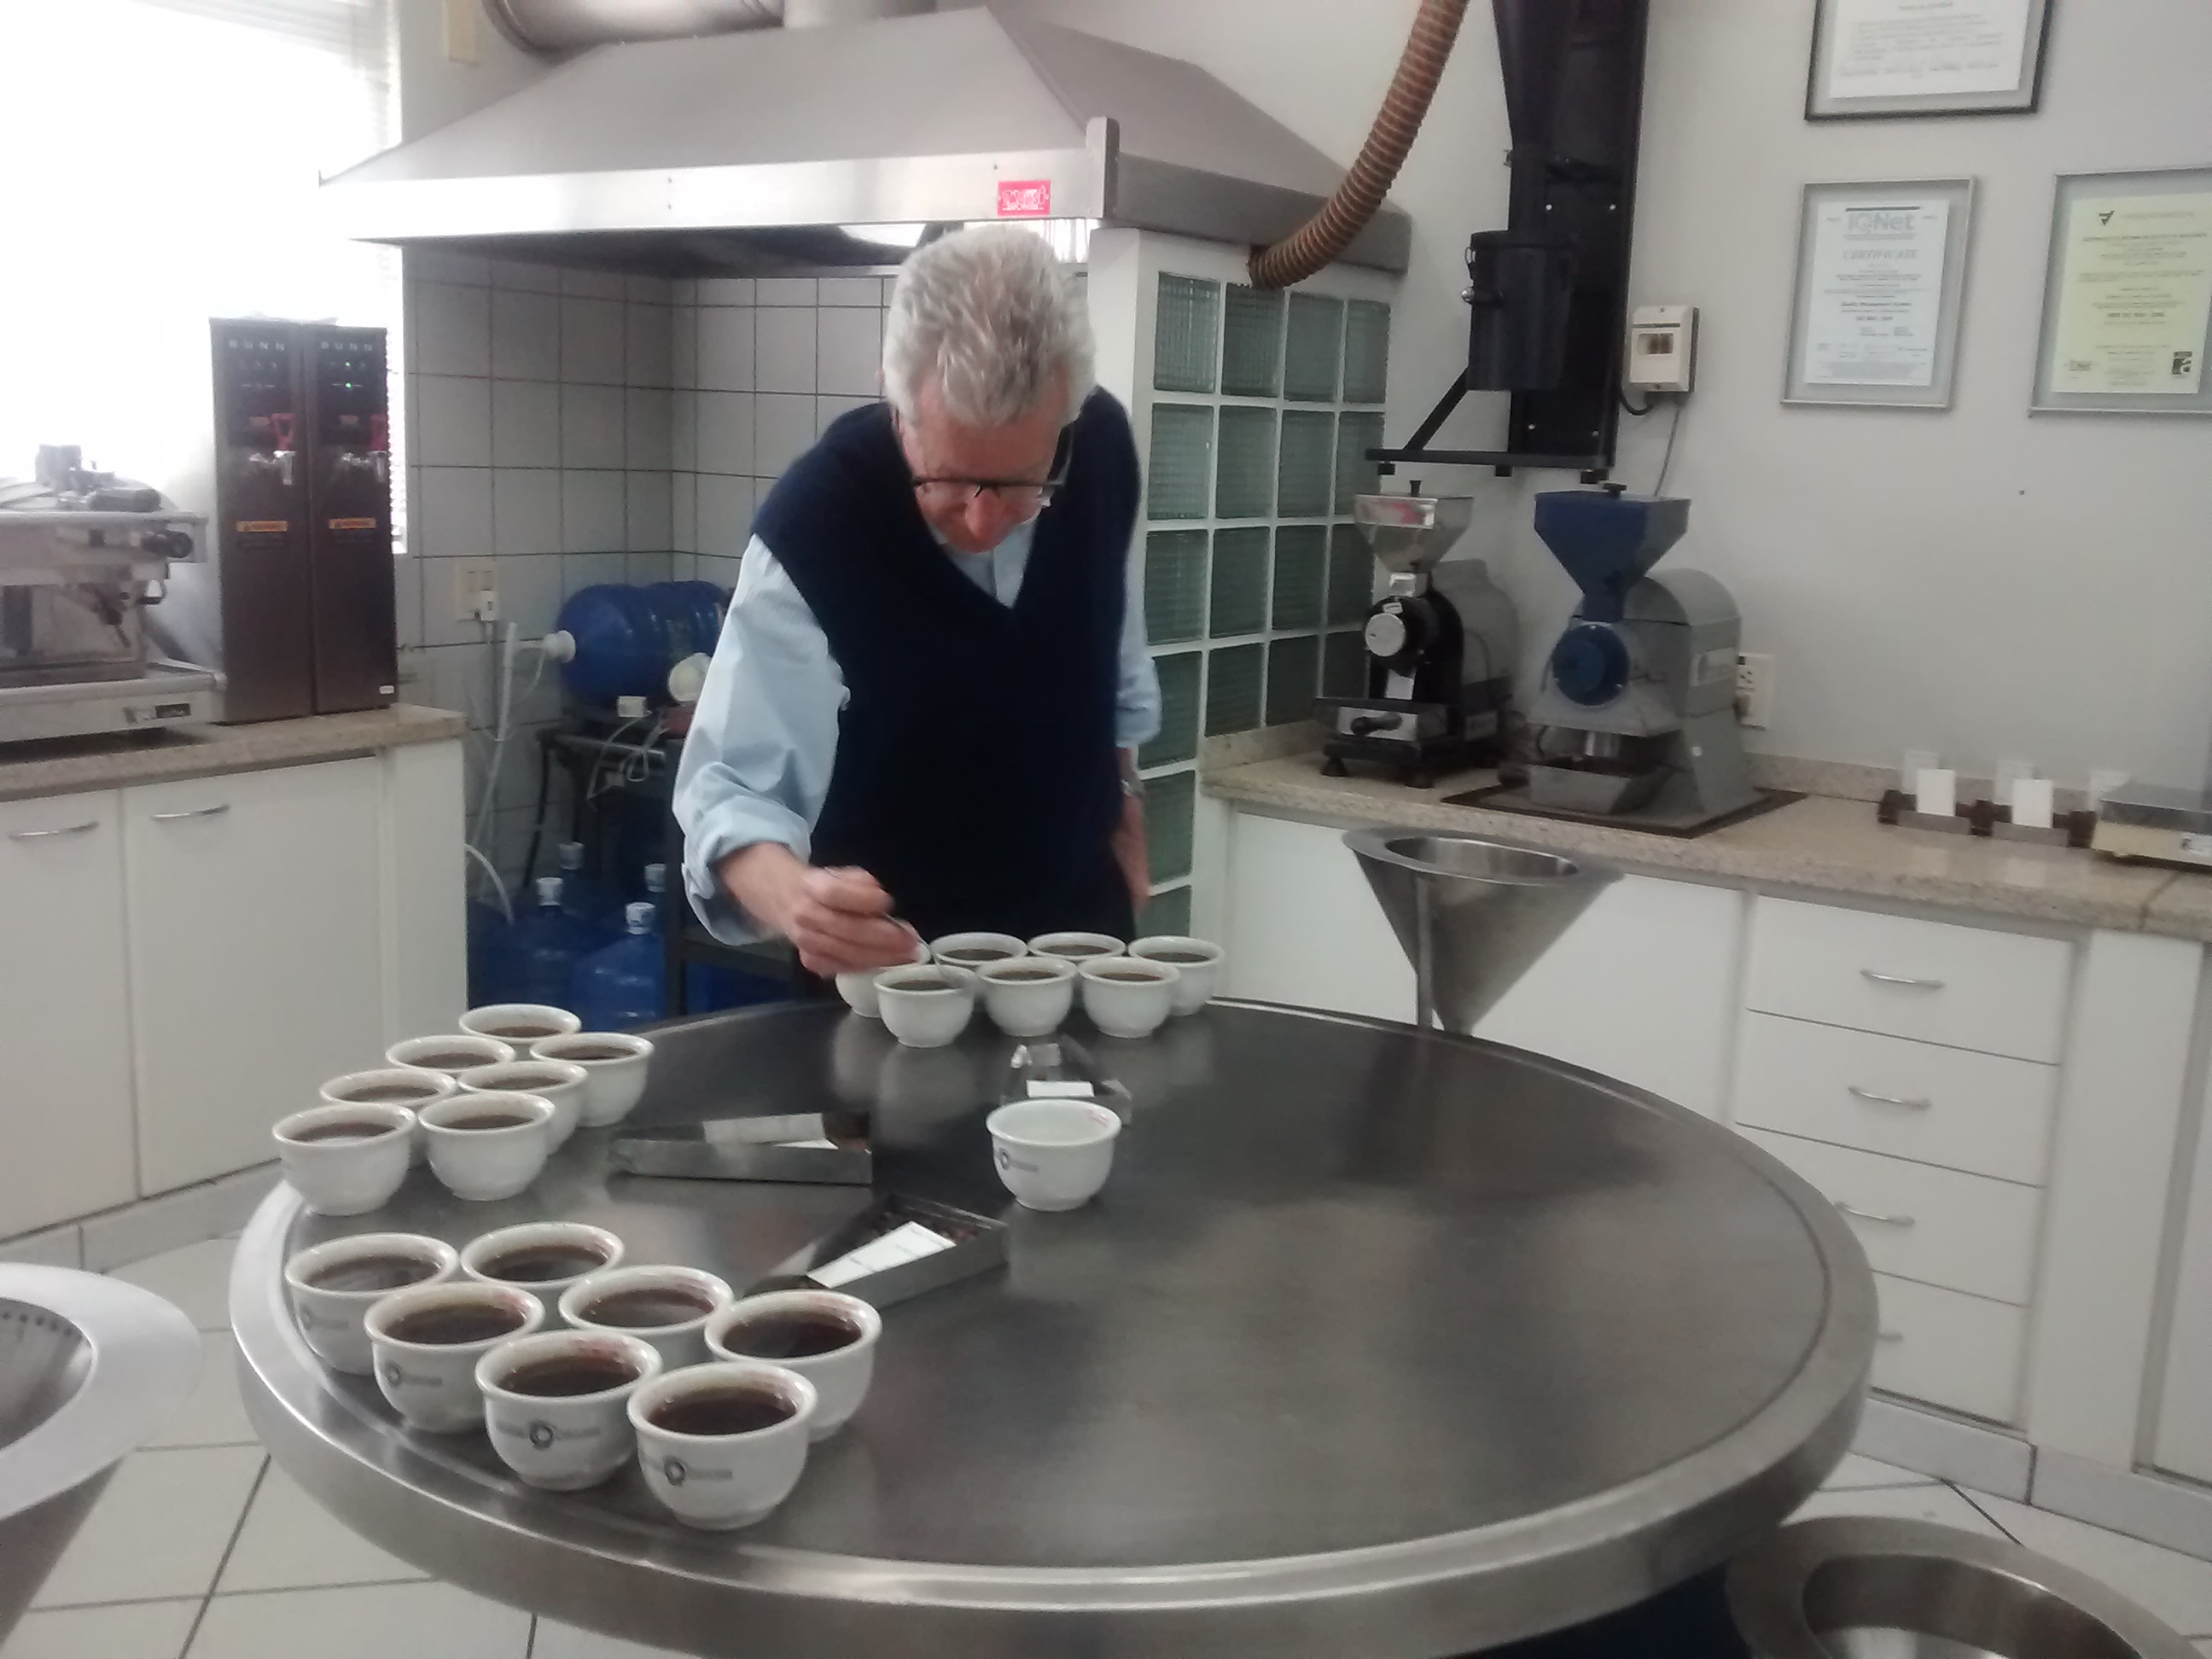 Um engenheiro no café